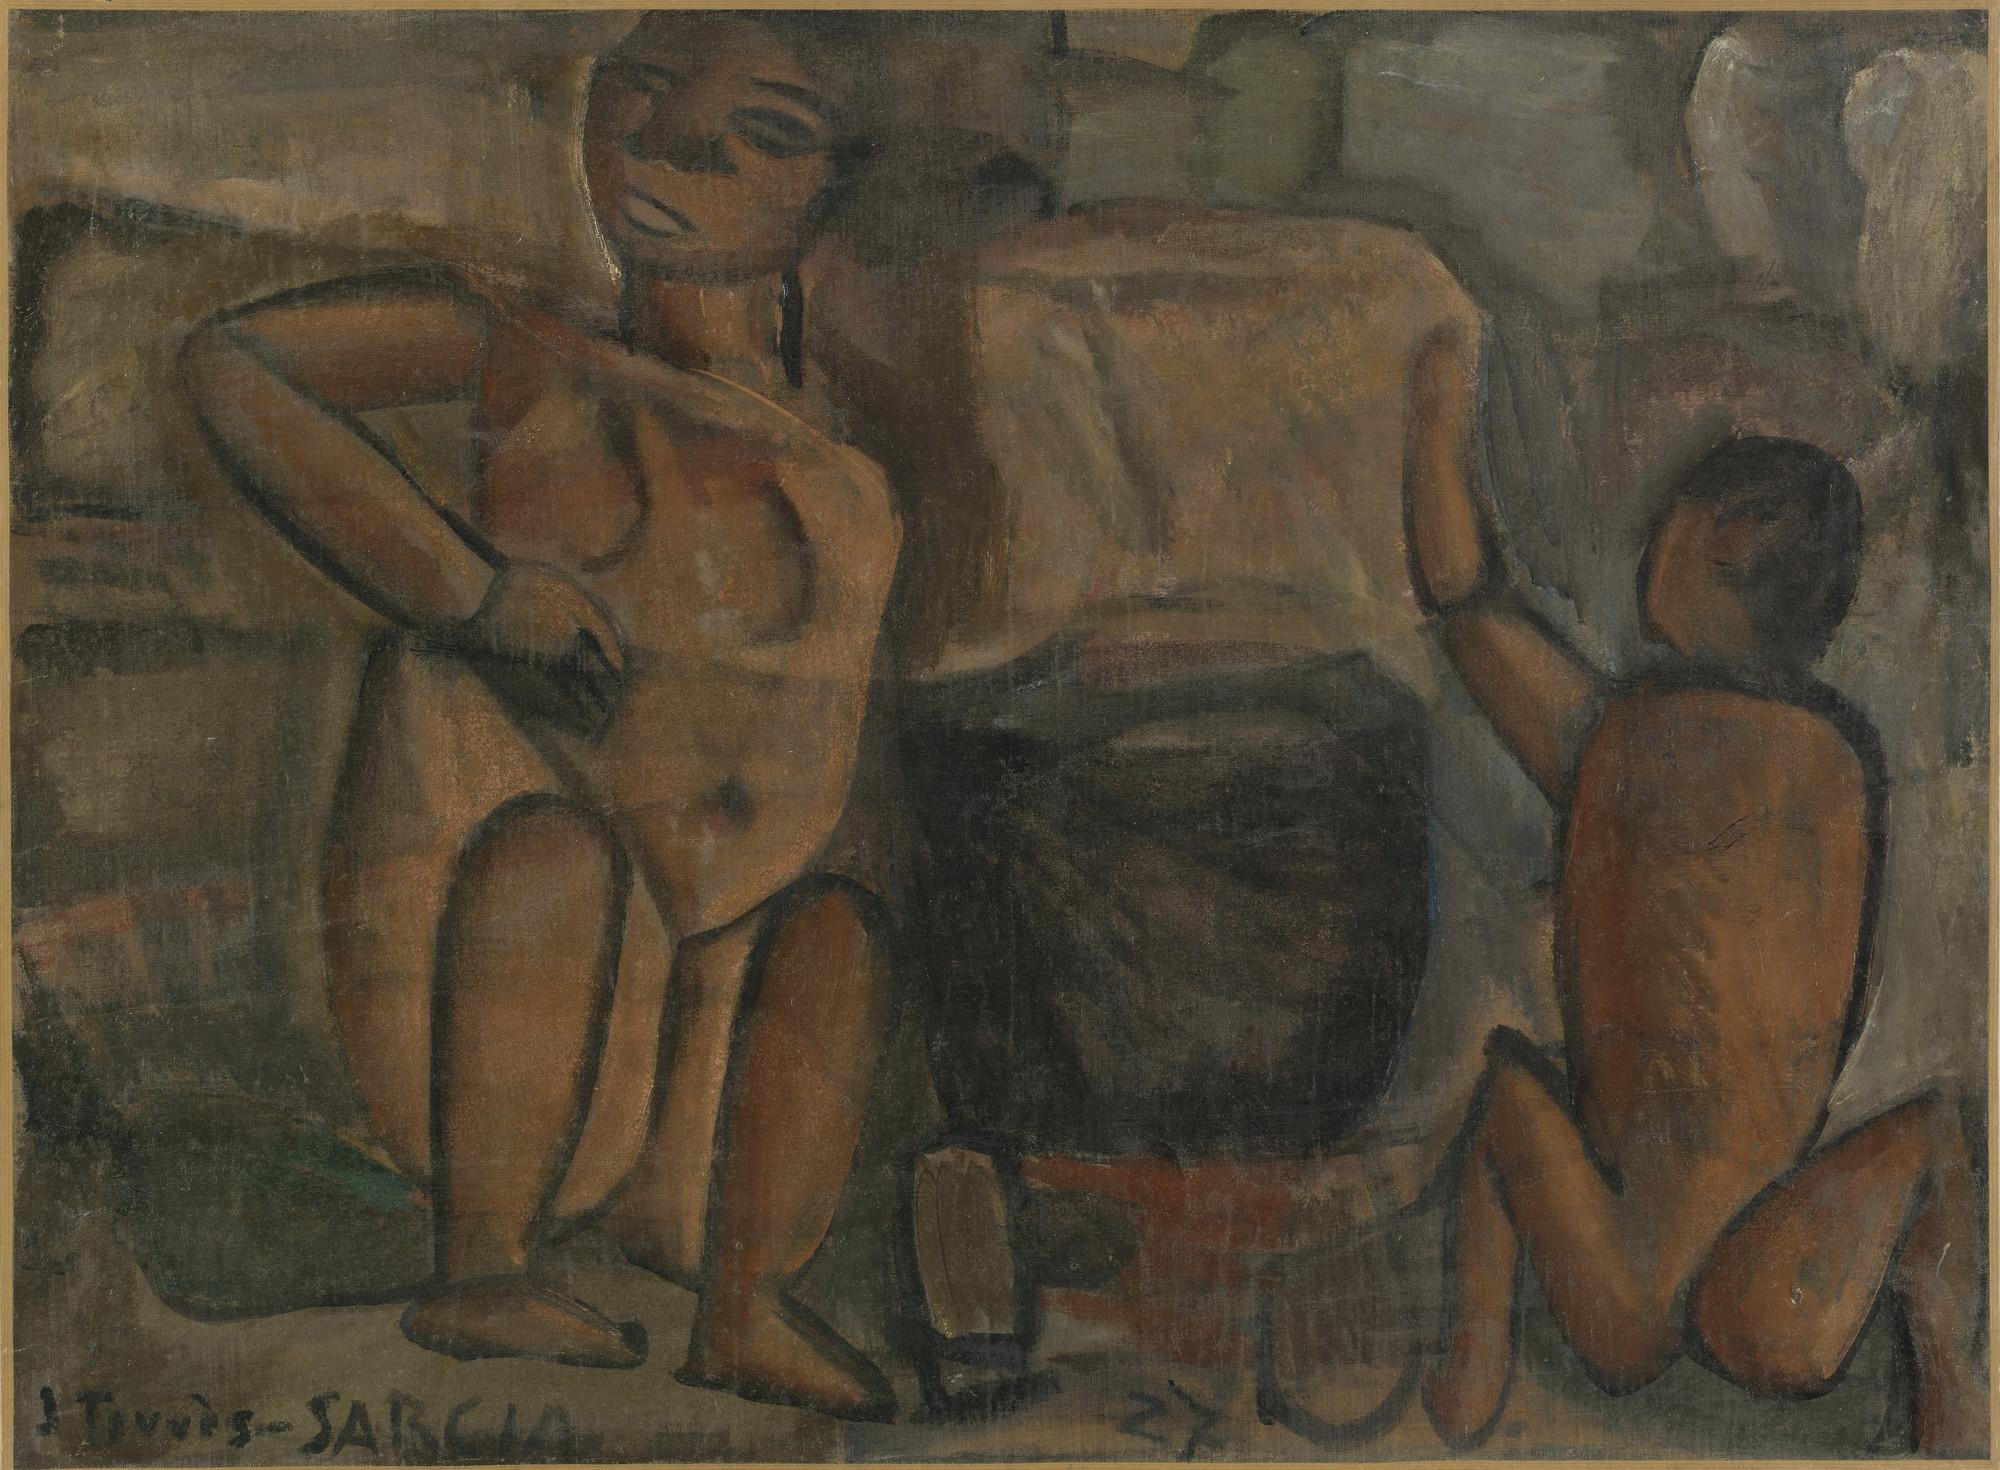 Joaquín Torres-García. Untitled (Figures). 1927